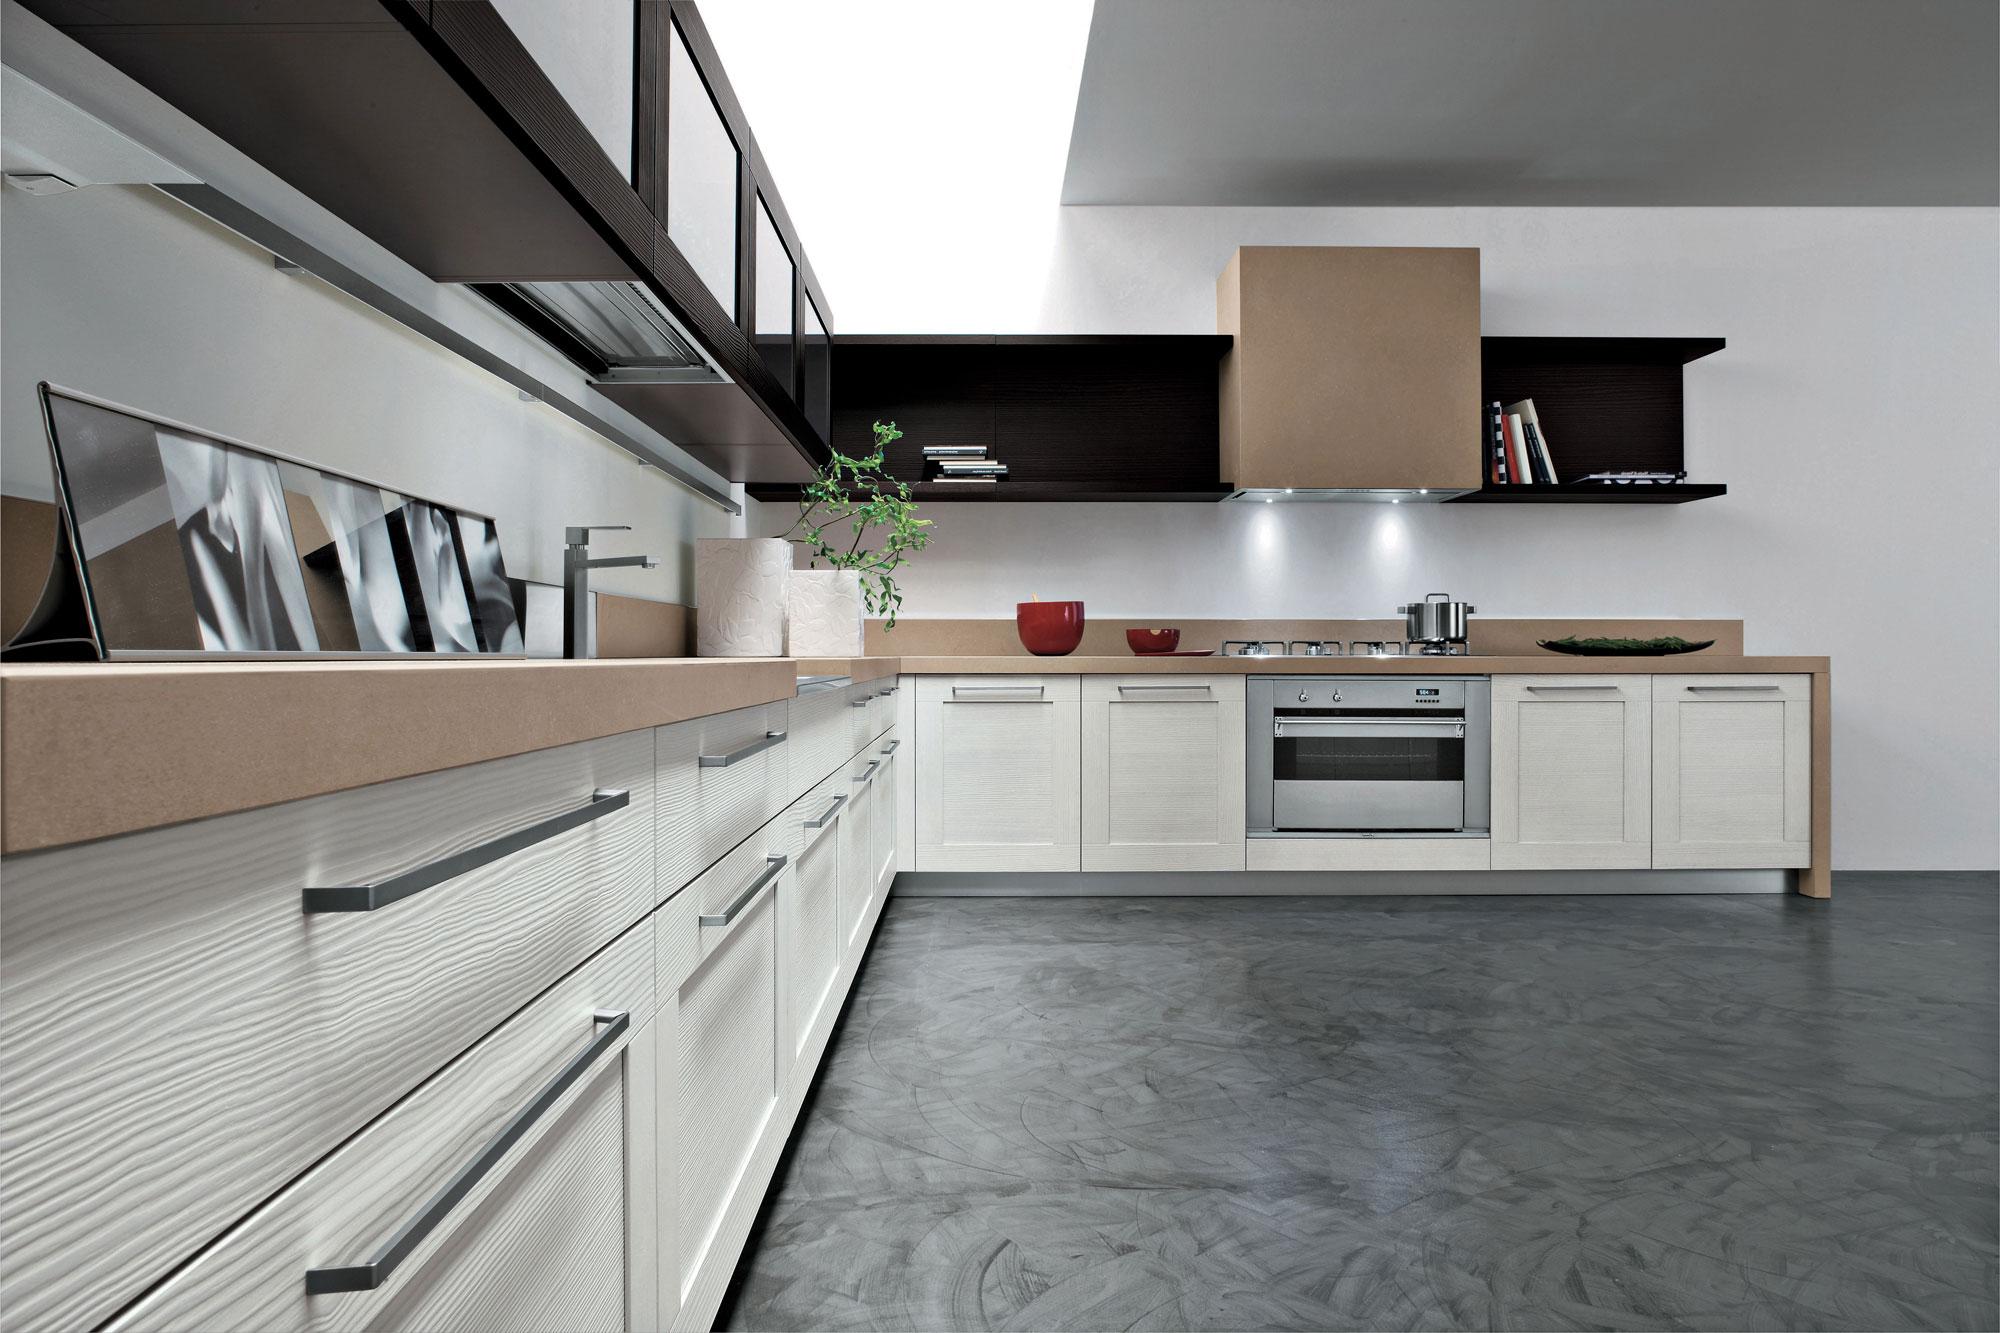 מטבח מודרני אריטל DOGMA ARRITAL